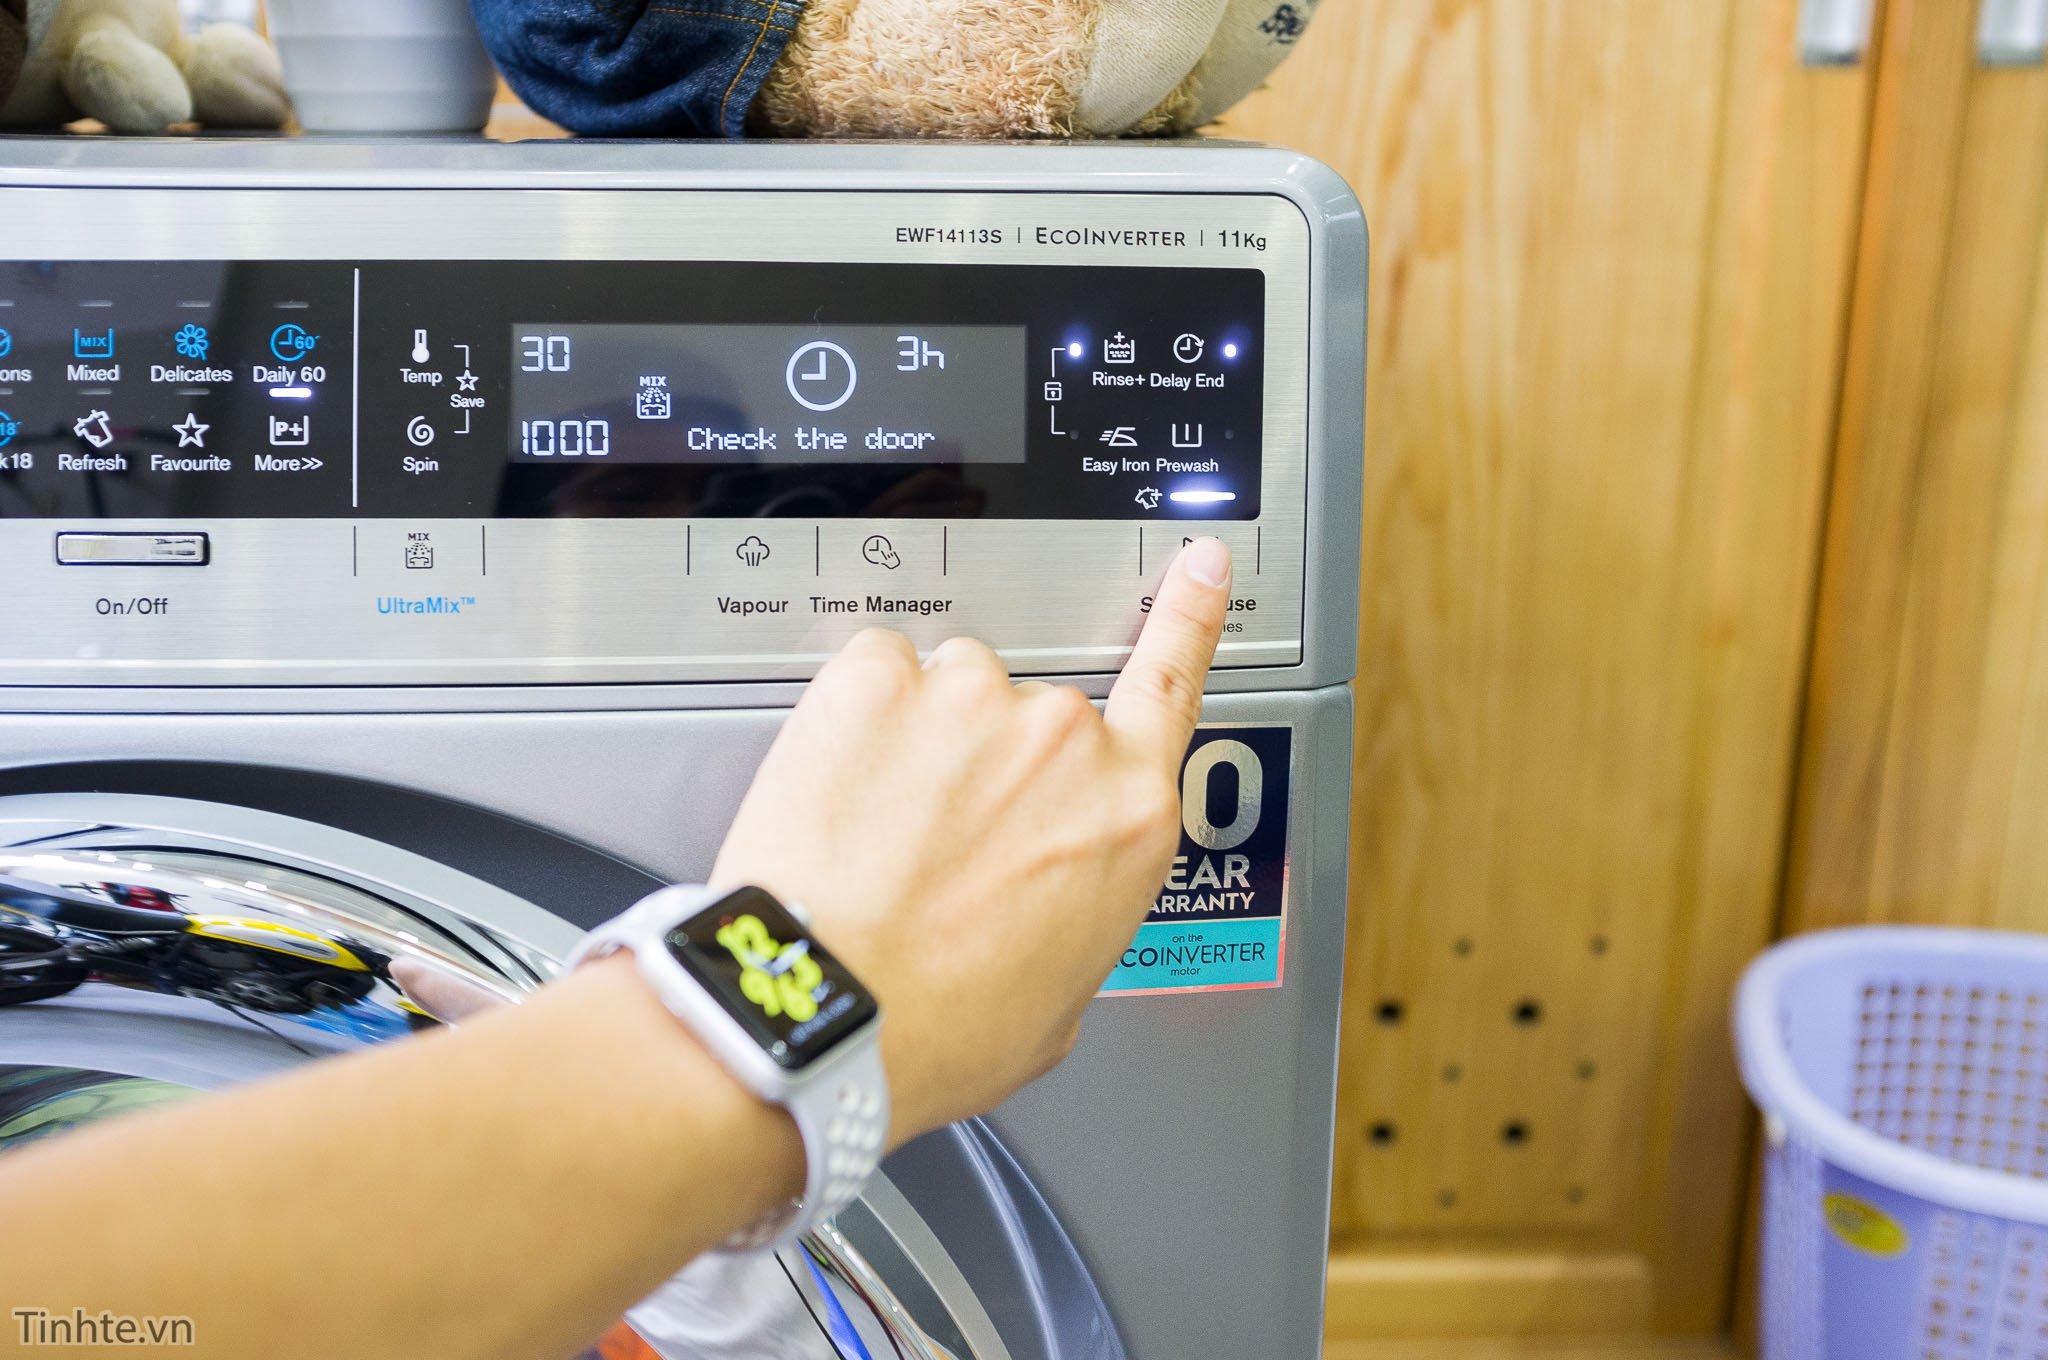 Sai lầm thường gặp khi giặt quần áo bằng máy giặt